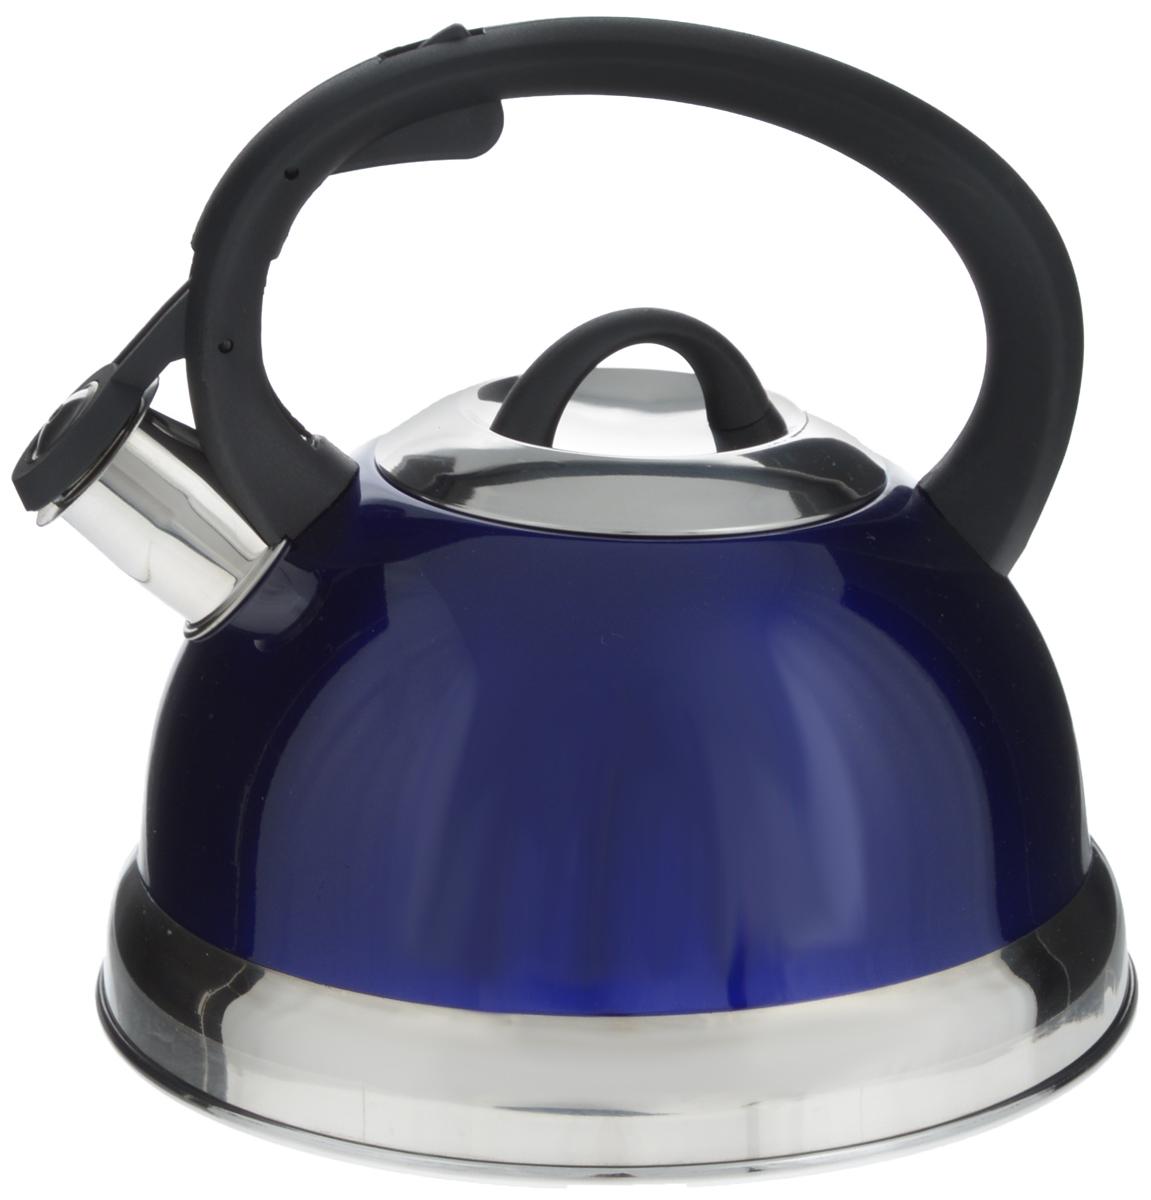 Чайник Mayer & Boch, со свистком, цвет: синий, черный, серебристый, 2,6 л. 2828Чайник Mayer & Boch выполнен из высококачественной нержавеющей стали, что делает его весьма гигиеничным и устойчивым к износу при длительном использовании. Носик чайника оснащен насадкой-свистком, что позволит вам контролировать процесс подогрева или кипячения воды. Фиксированная ручка, изготовленная из пластика, делает использование чайника очень удобным и безопасным. Поверхность чайника гладкая, что облегчает уход за ним. Эстетичный и функциональный чайник будет оригинально смотреться в любом интерьере. Подходит для всех типов плит, включая индукционные. Можно мыть в посудомоечной машине. Высота чайника (с учетом ручки и крышки): 20,5 см. Диаметр чайника (по верхнему краю): 10,5 см. Диаметр основания: 21 см.